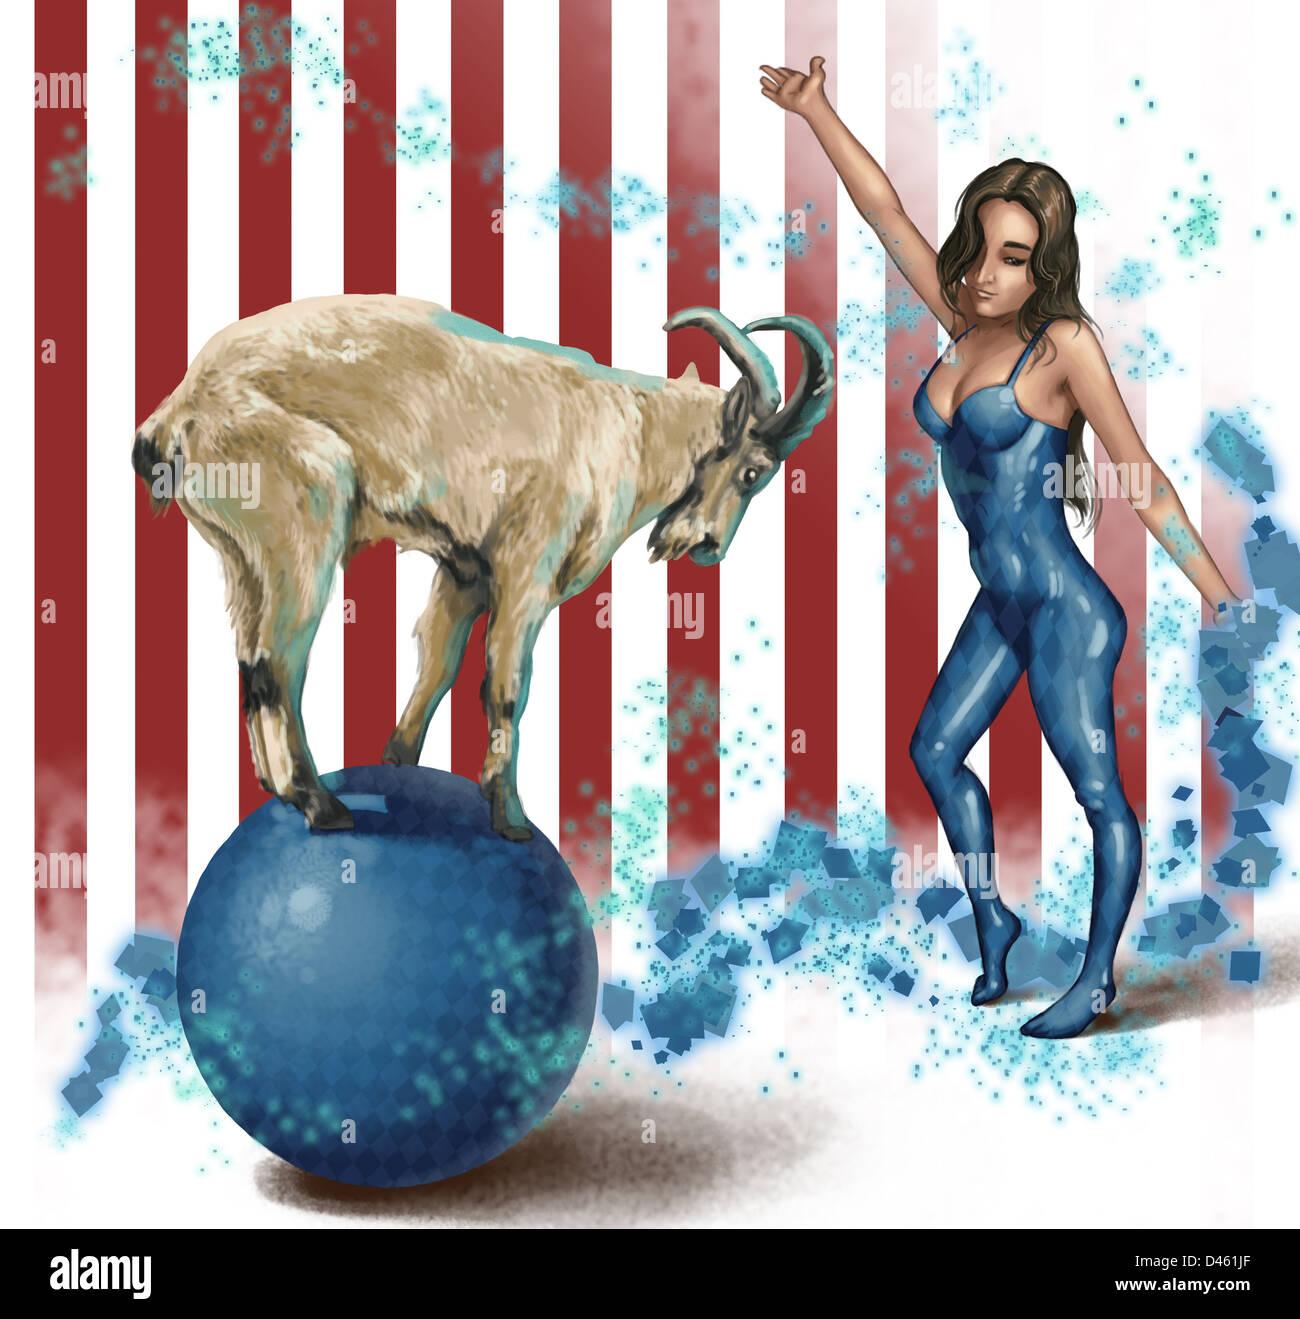 Anschauliches Bild der weibliche Darstellerin Ziege balancieren auf Kugel betrachten Stockbild